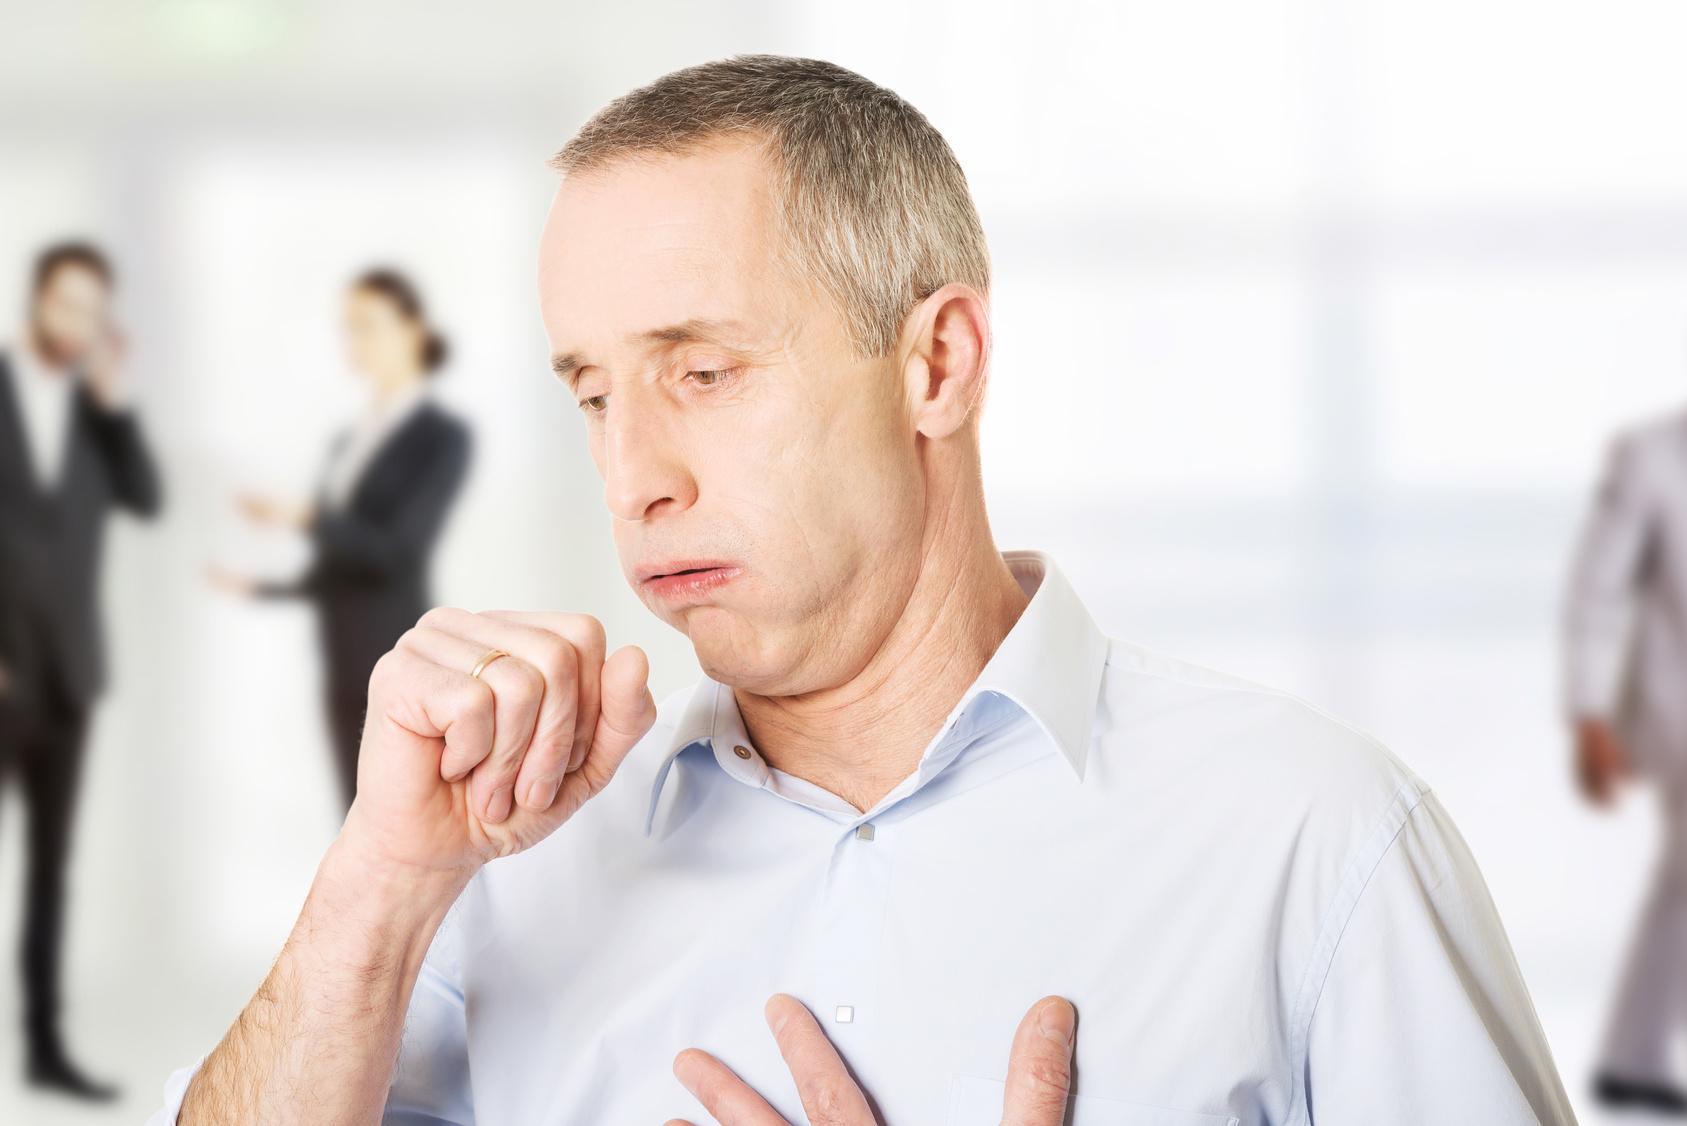 気管支喘息って子供の病気だと思っていませんか?